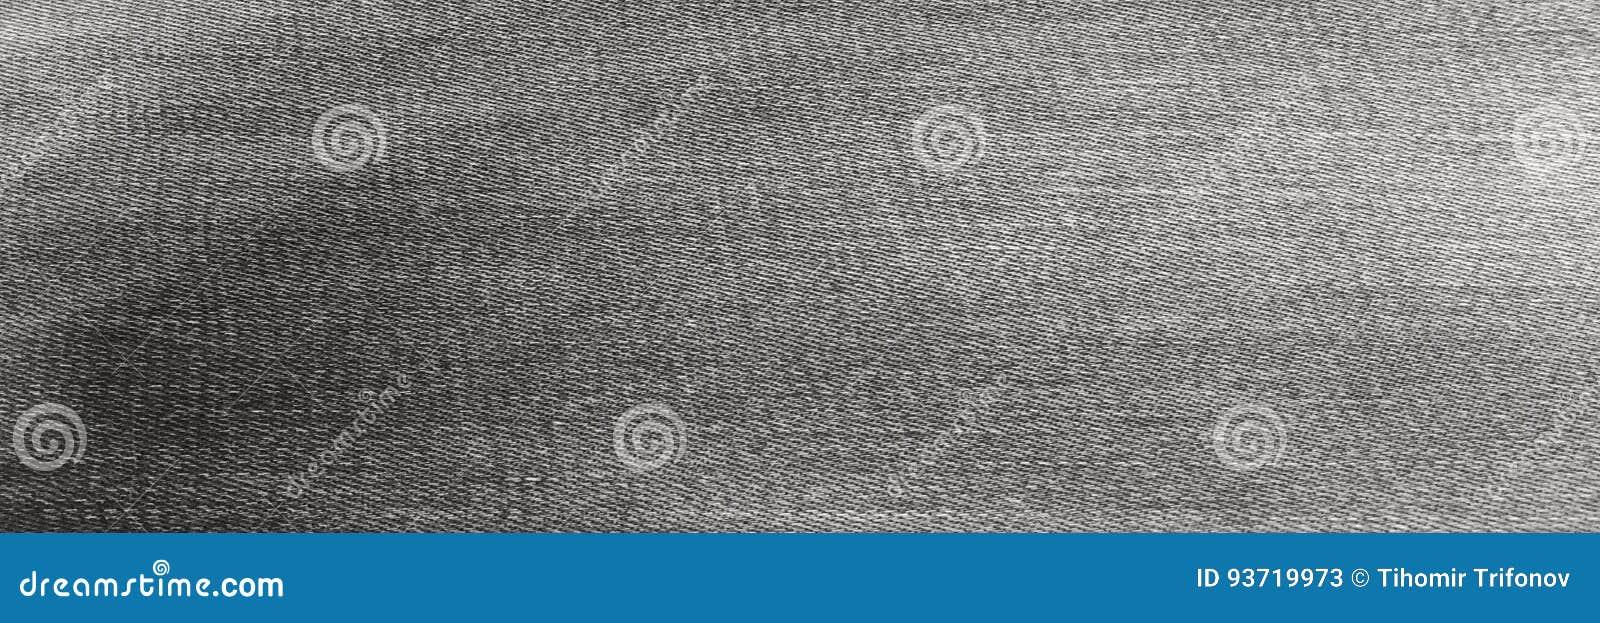 Denim-Gewebe-Schwarz-Beschaffenheit Indigo-Jeans-Samt-Hintergrund